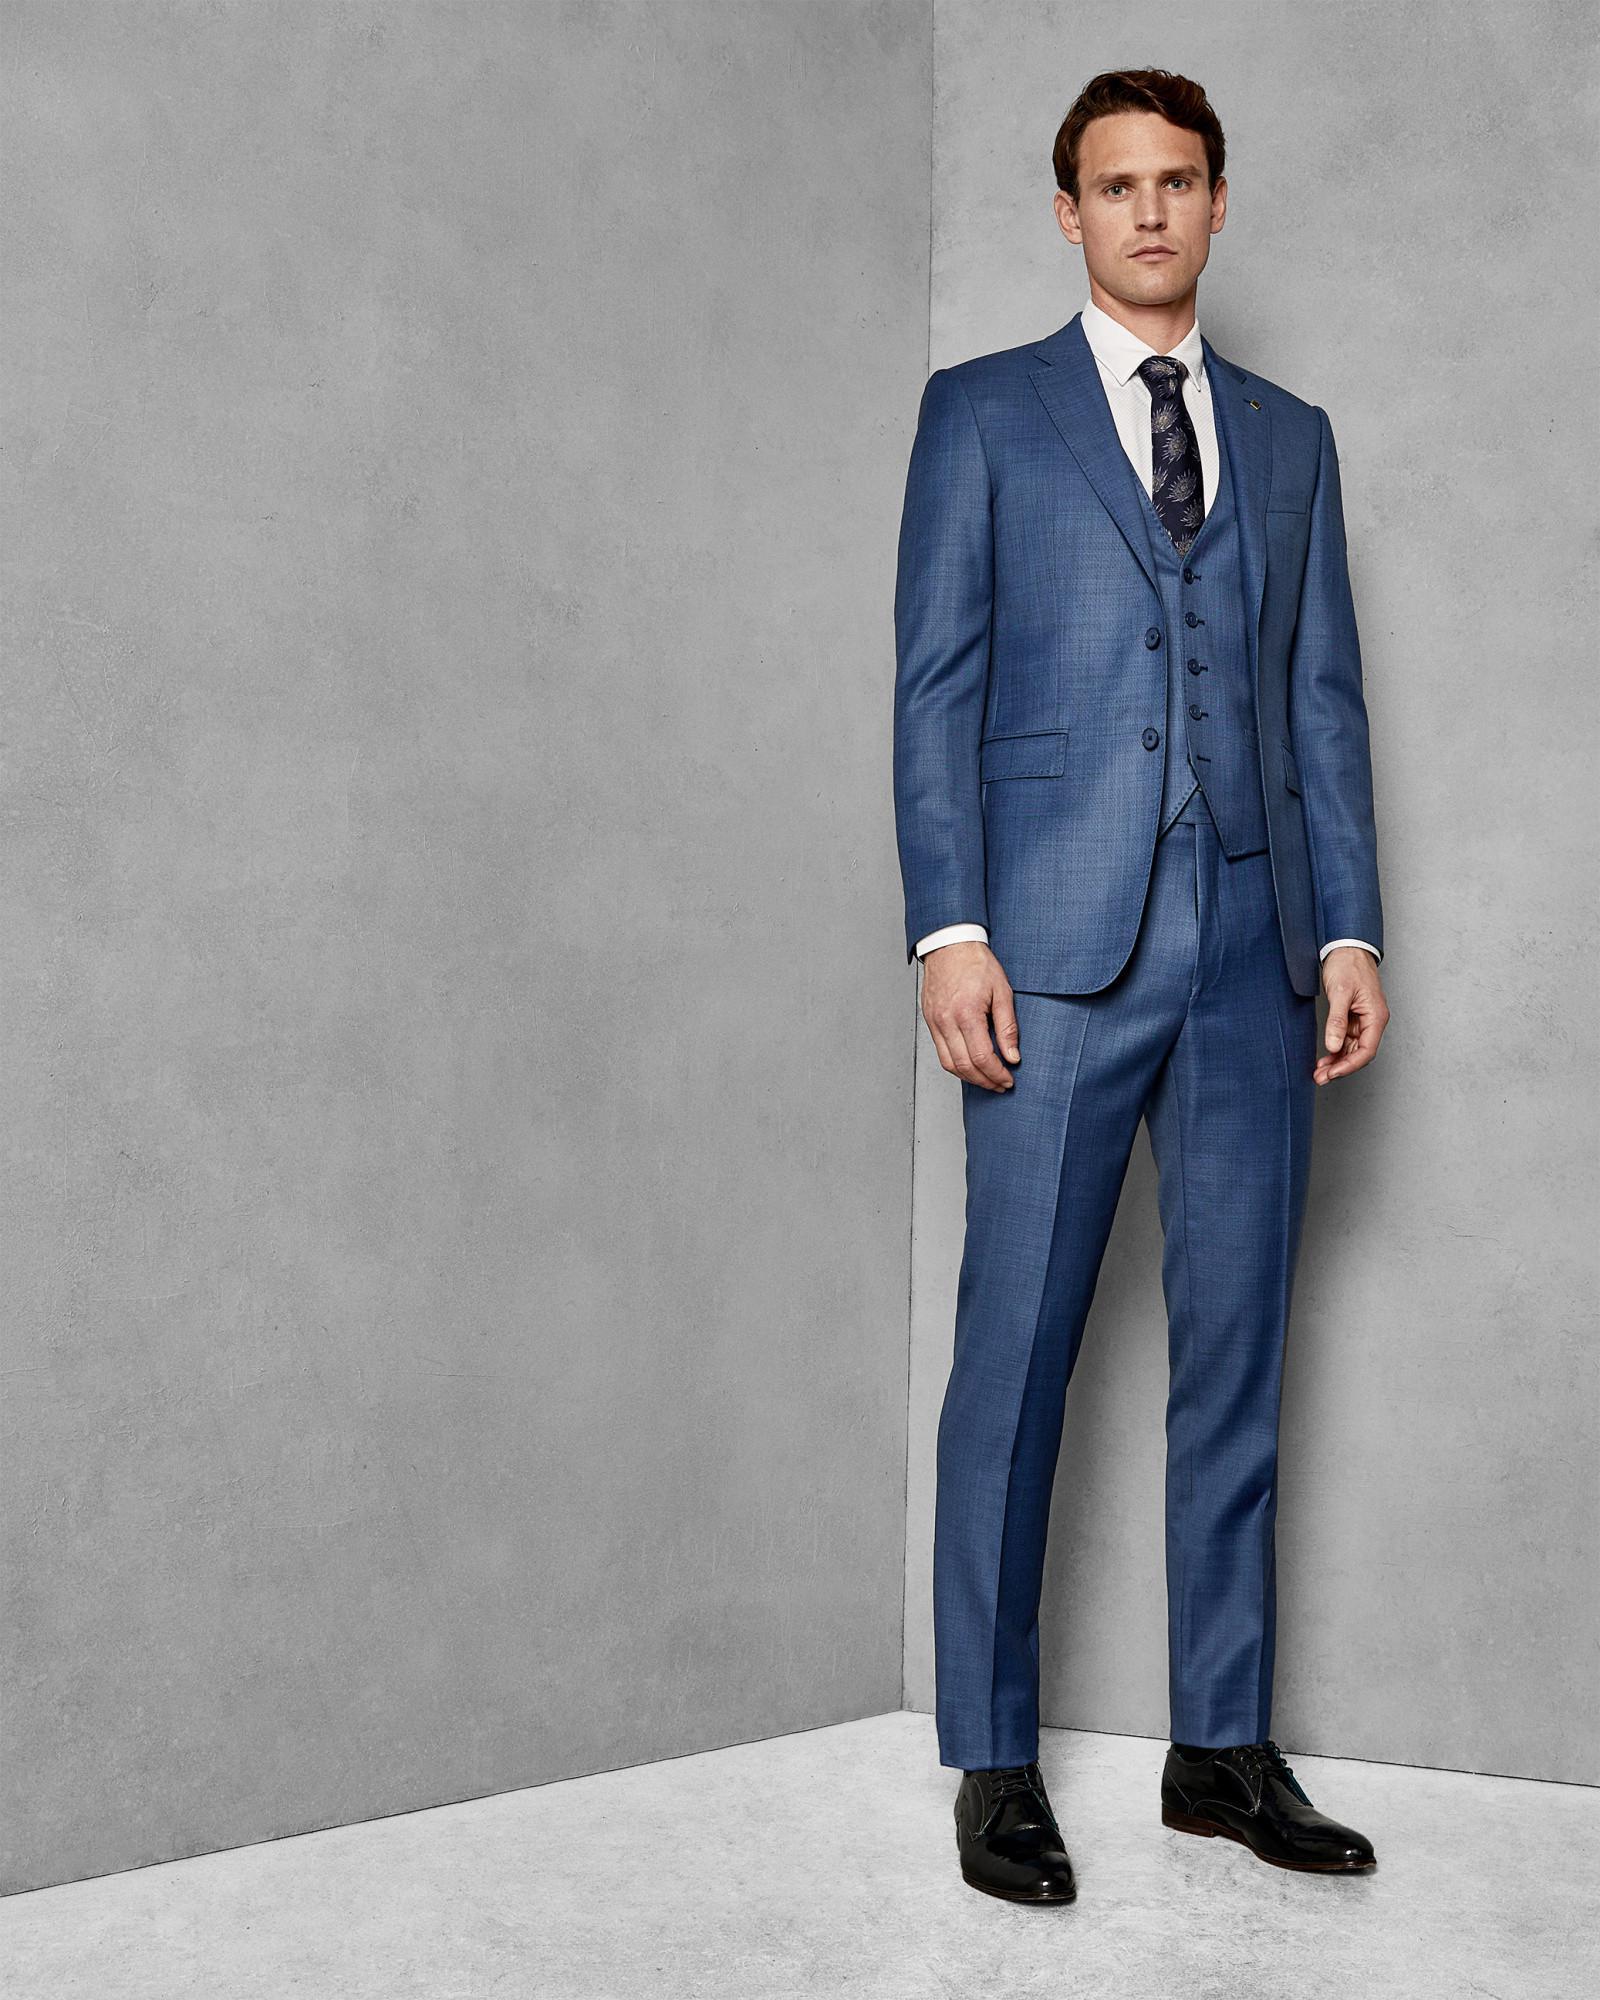 fcc660639b6c Ted Baker Debonair Slim Wool Suit Jacket in Blue for Men - Lyst